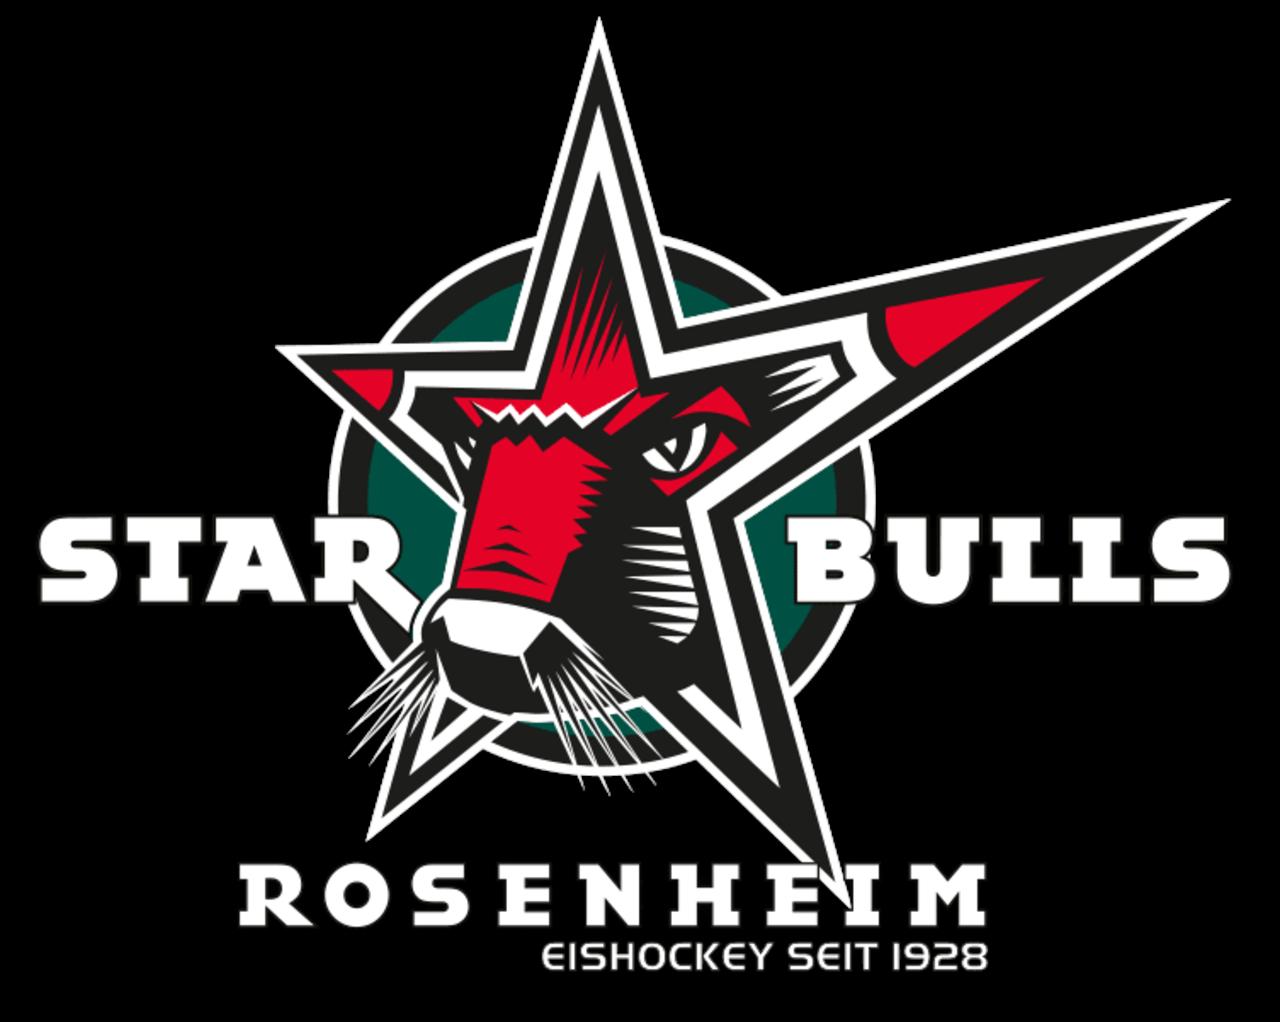 Rosenheim Starbulls